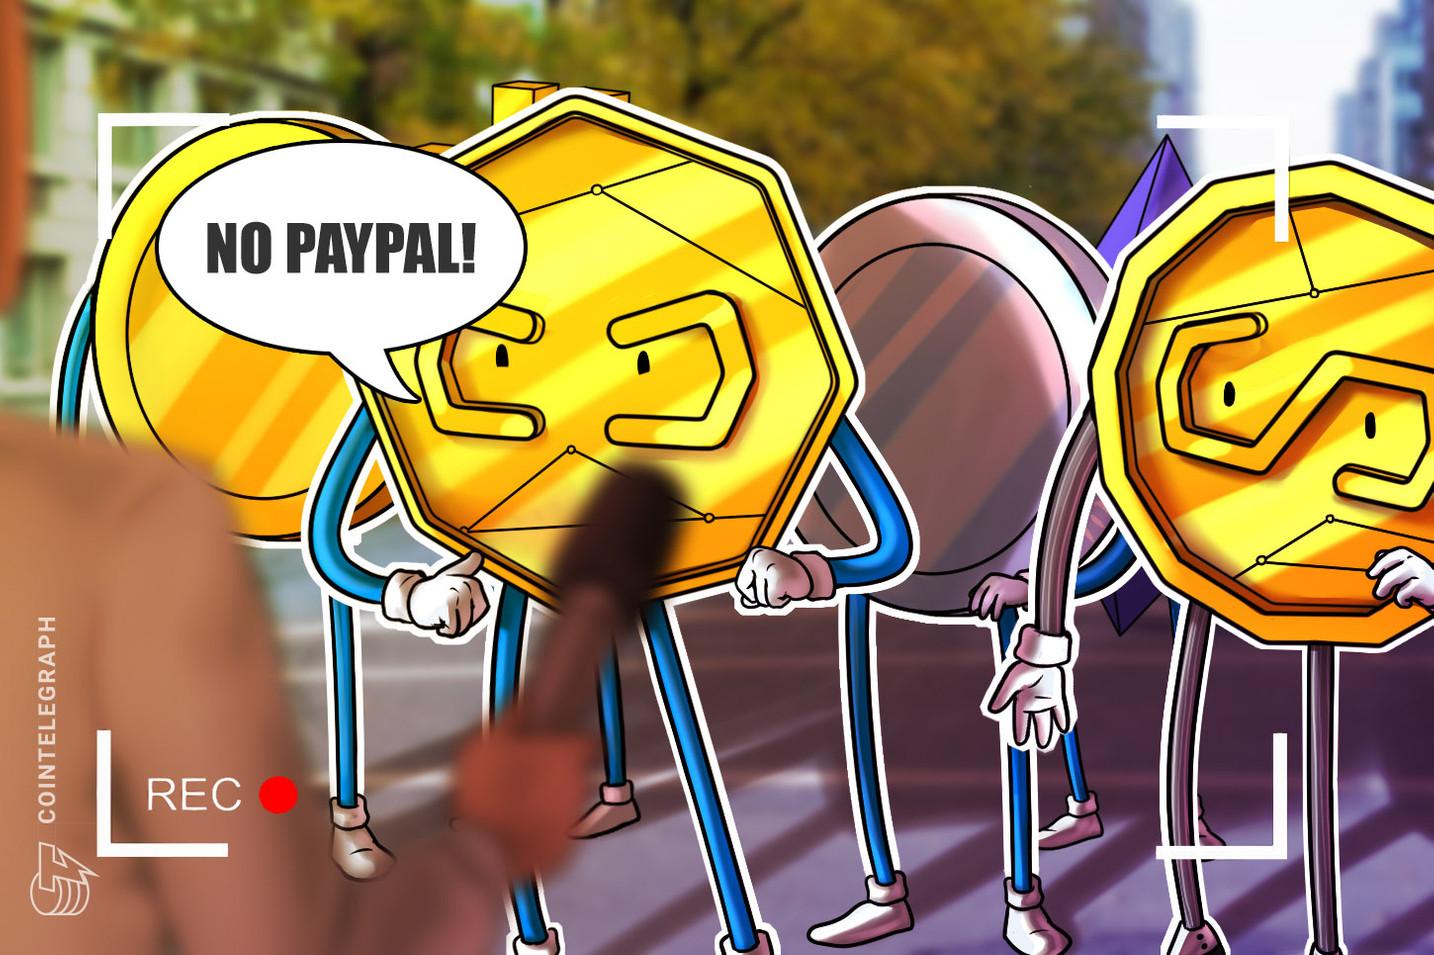 ビットコインの本質と矛盾 ペイパルの仮想通貨サービス参戦、喜べない理由とは?